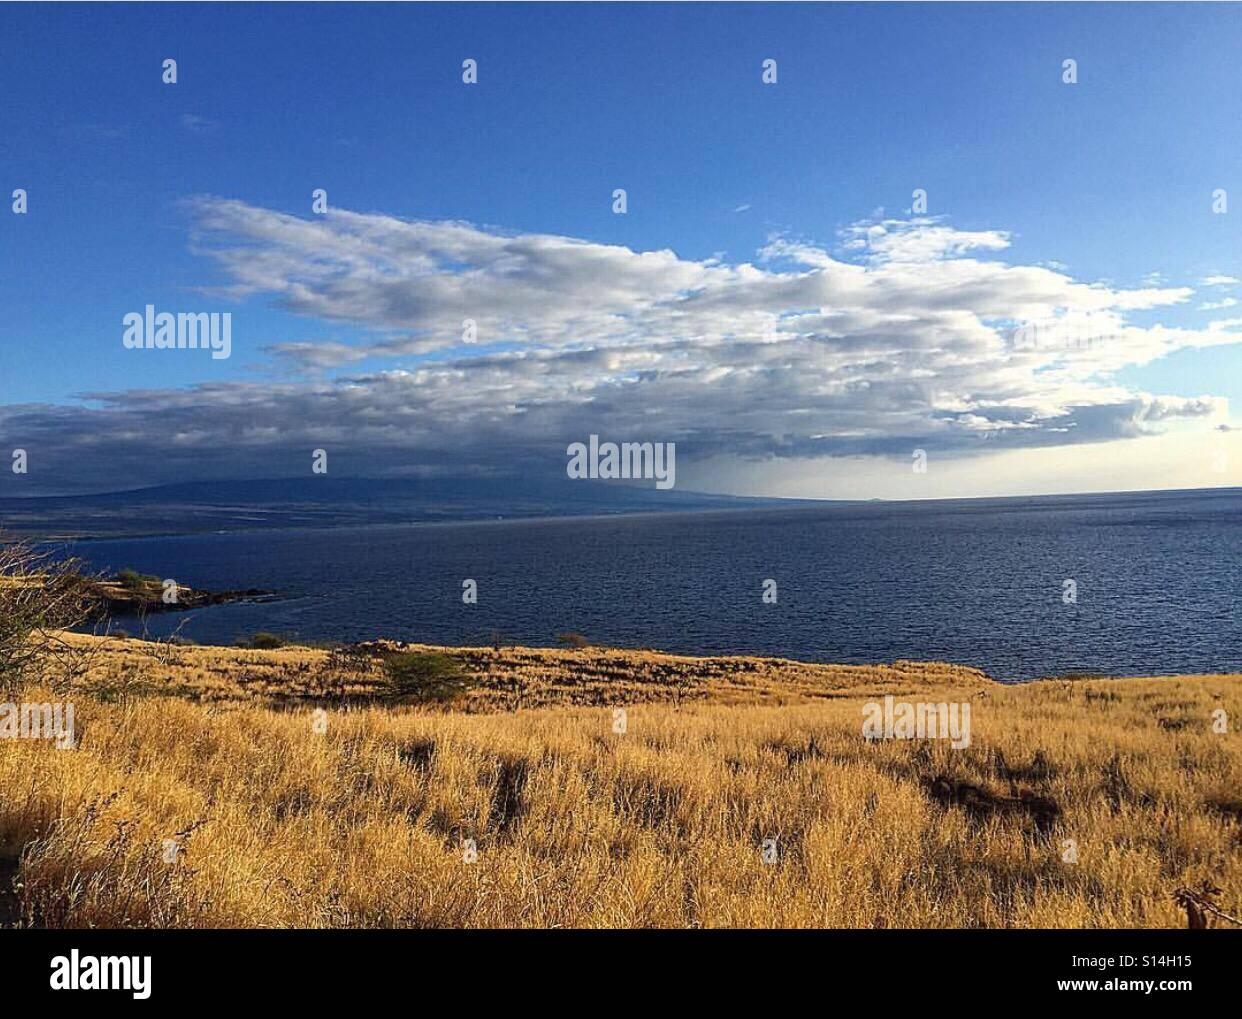 Ocean View - Stock Image